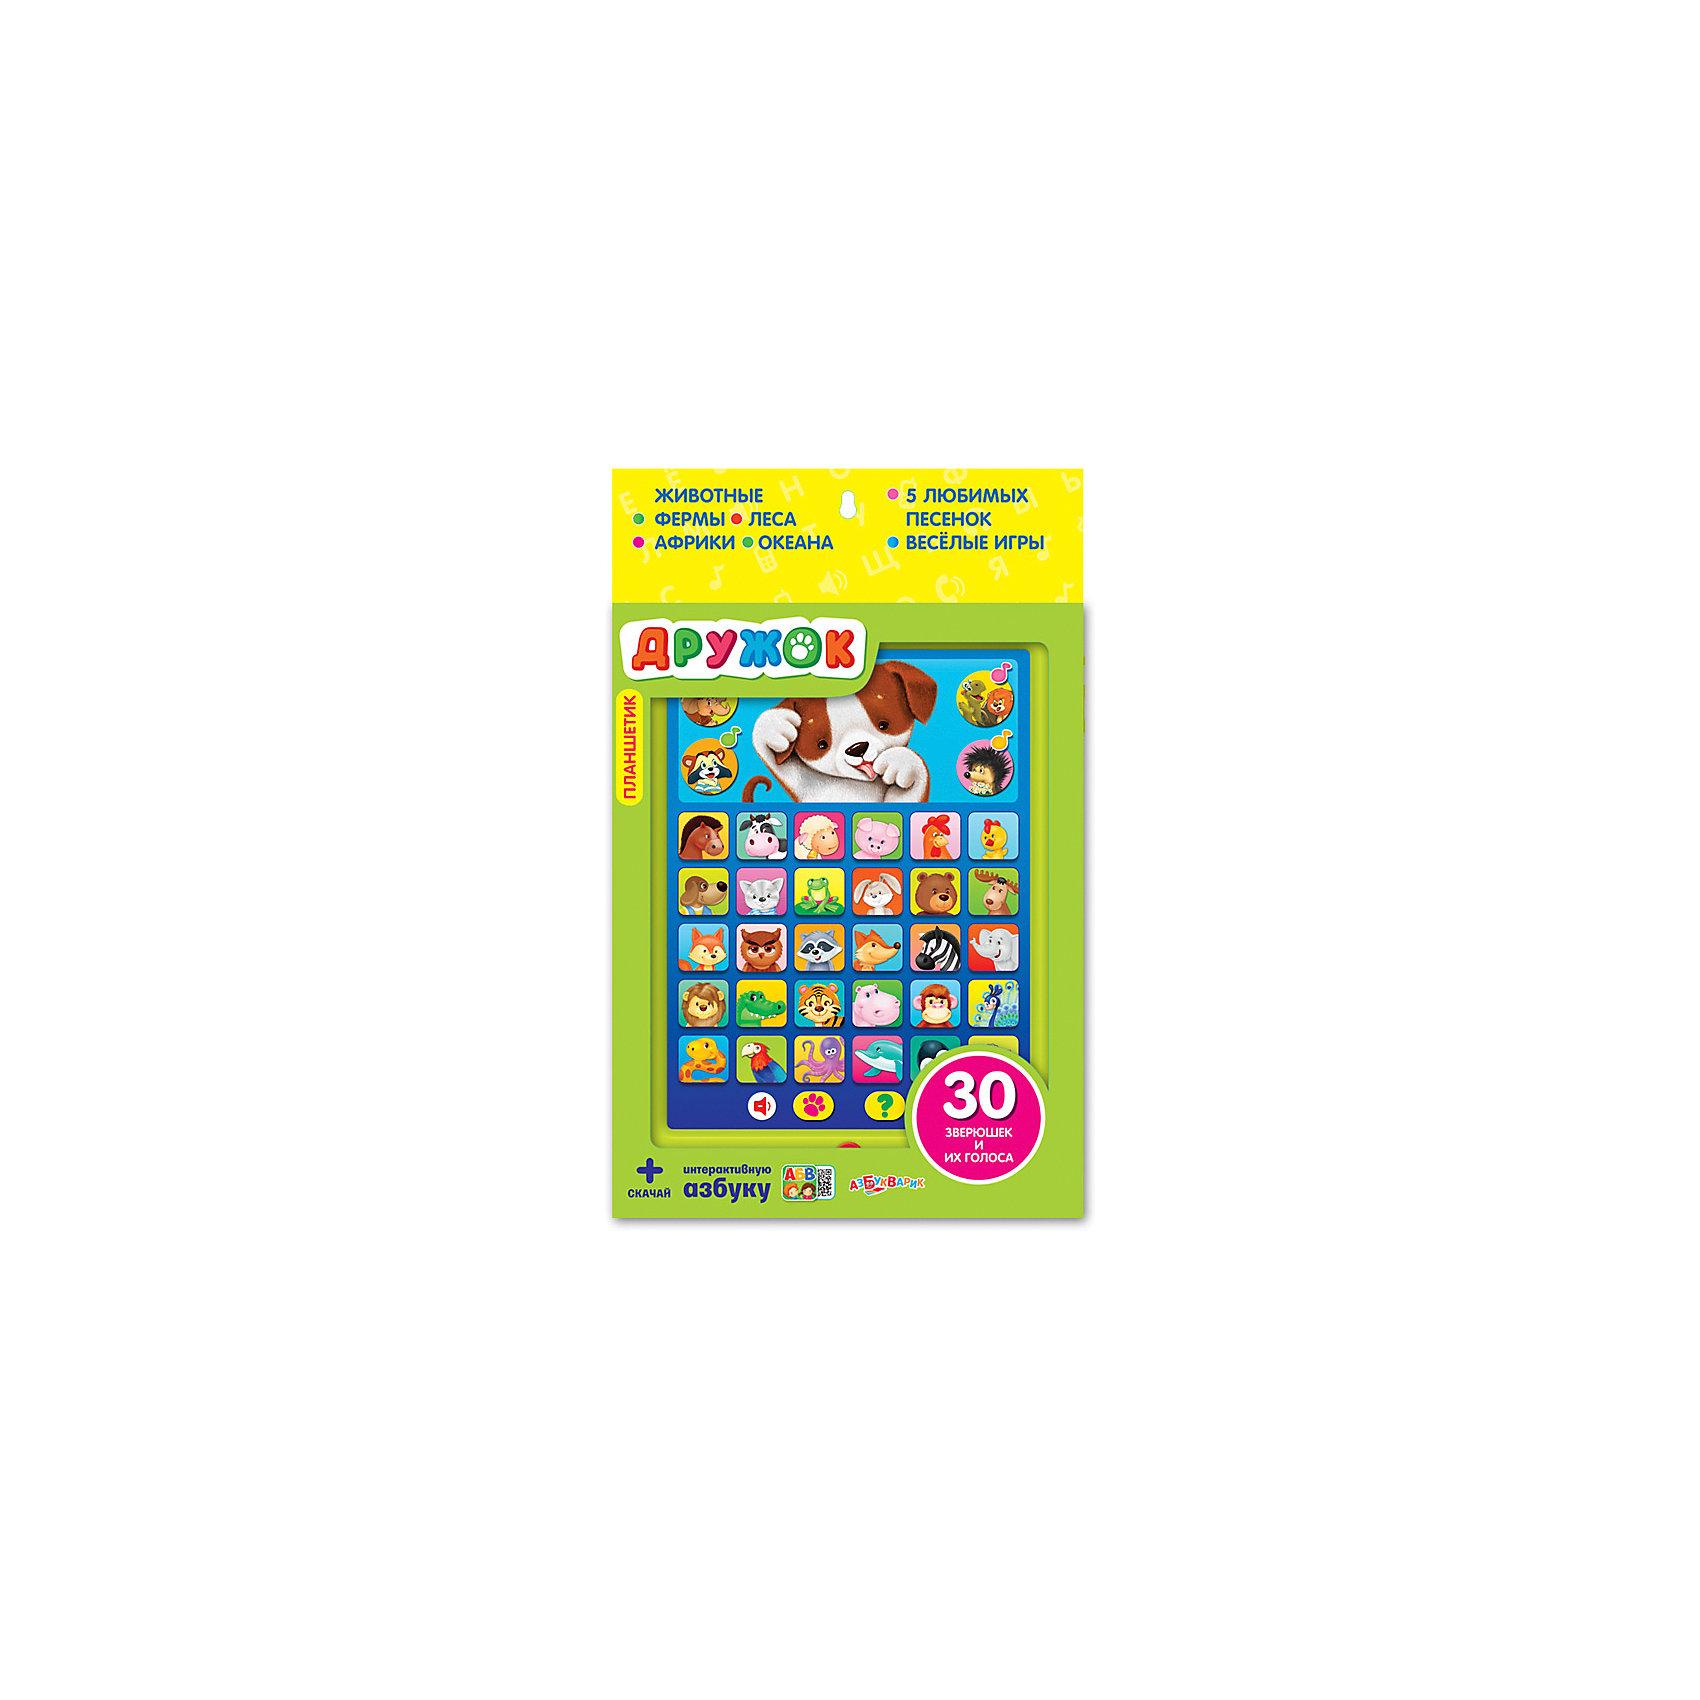 Книга-планшет ДружокМузыкальные книги<br>Современный дети обожают электронный устройства и новейшие технологии. Собственный планшетик приведет в восторг всех малышей. Вашему ребенку обязательно понравится знакомство с животными фермы, леса, Африки и океана! Милые зверюшки поиграют с крохой в увлекательные игры: «Чей это голос?» и «Весёлые прятки», а любимые мультяшки споют самые веселые песенки. Прекрасный вариант для подарка на любой праздник! <br><br>Дополнительная информация:<br><br>- Материал: пластик.<br>- Размер: 18,5х24<br>- 5 песенок (крошка- Енот, Мамонтенок, Ёжик).<br>- Элемент питания: ААА батарейки (демонстрационные в комплекте). <br><br>Книгу-планшет Дружок можно купить в нашем магазине.<br><br>Ширина мм: 300<br>Глубина мм: 20<br>Высота мм: 190<br>Вес г: 275<br>Возраст от месяцев: 24<br>Возраст до месяцев: 60<br>Пол: Унисекс<br>Возраст: Детский<br>SKU: 4288911